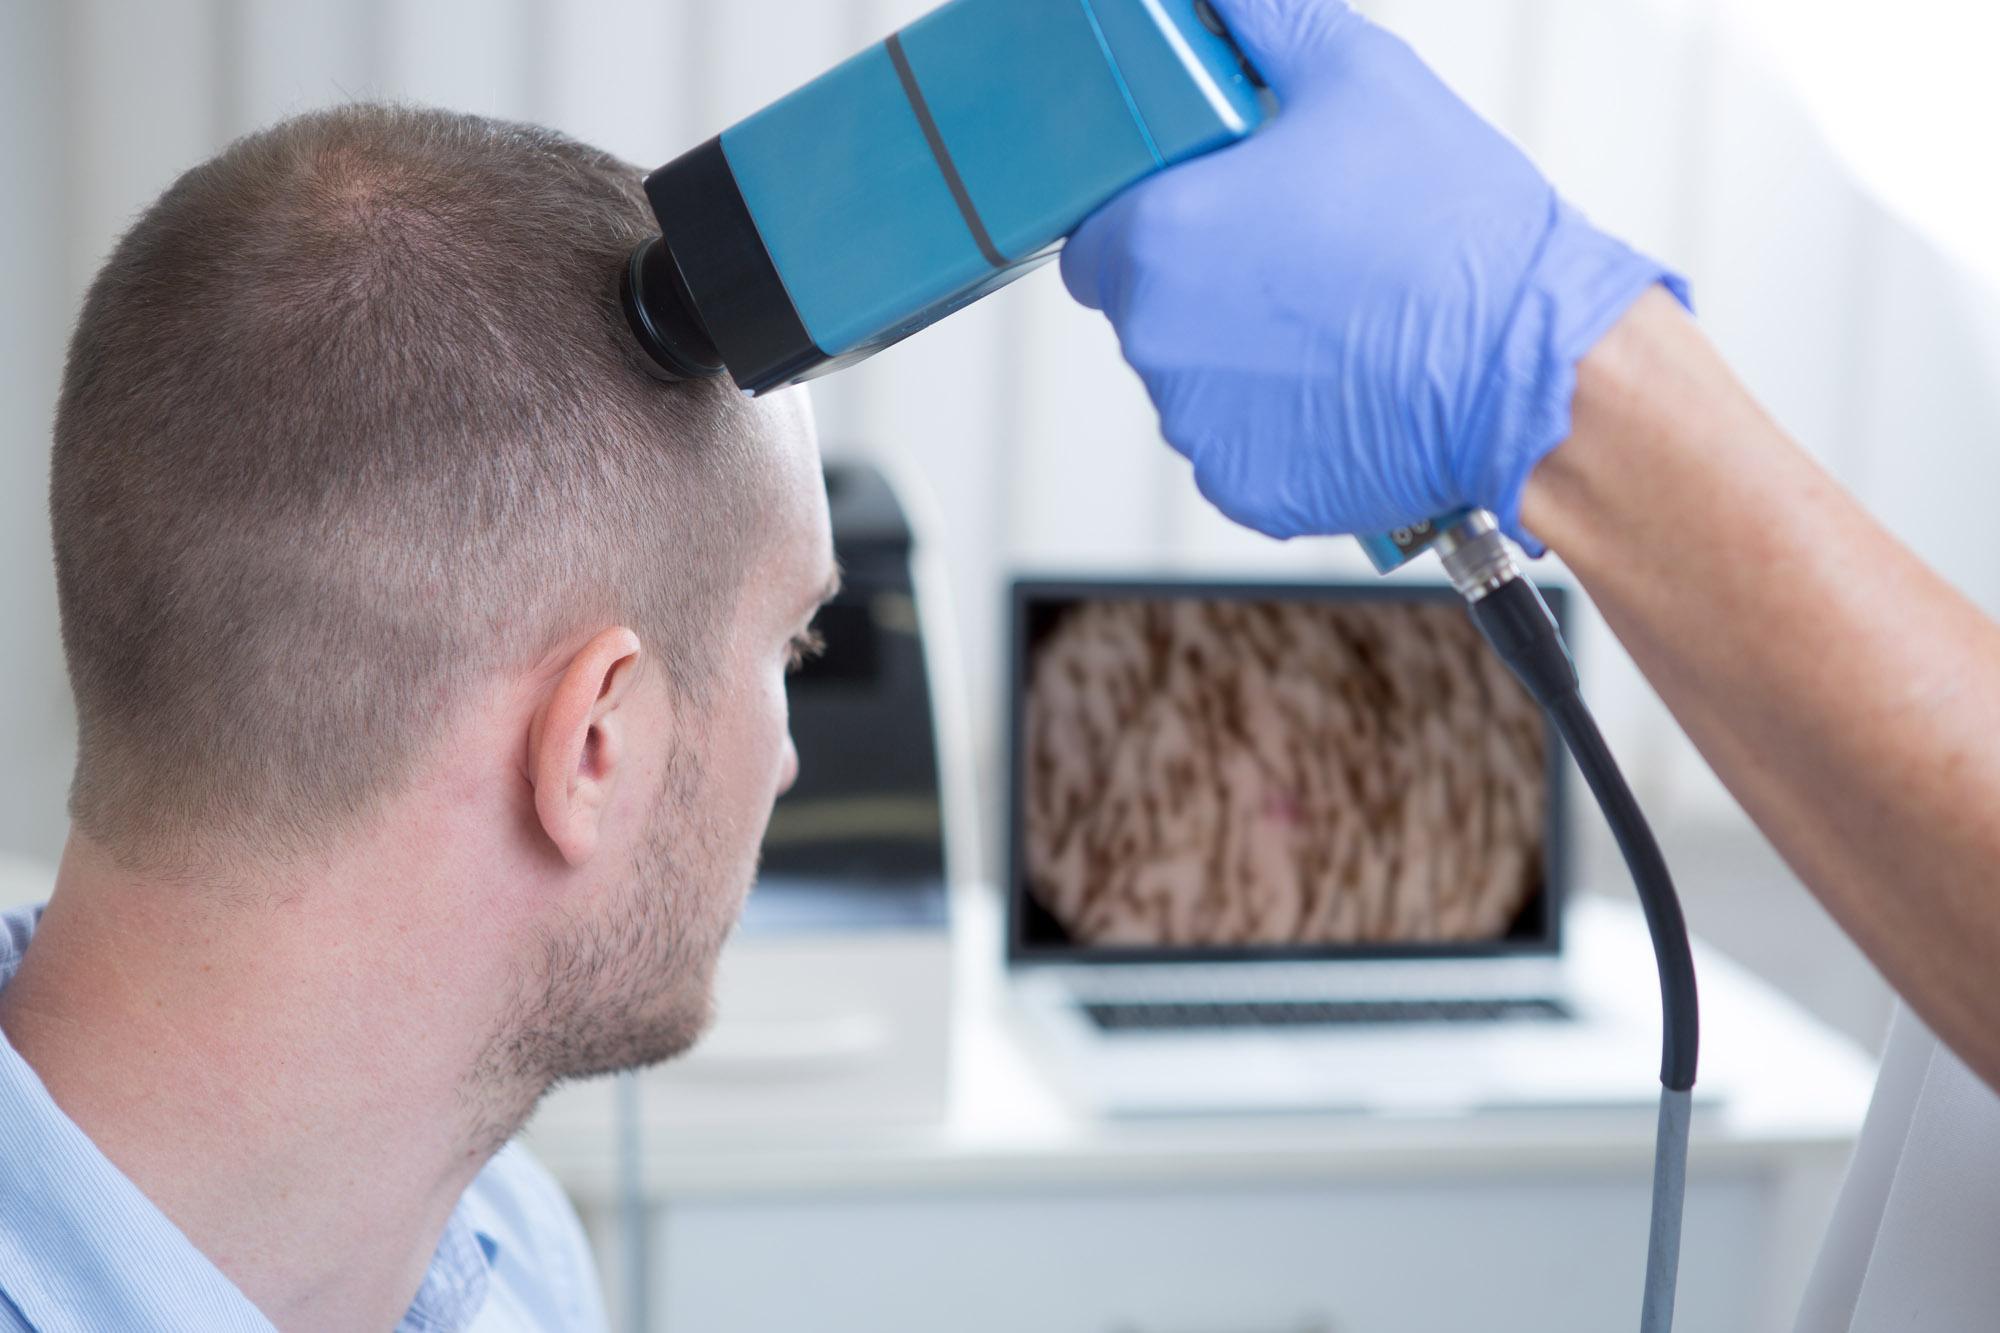 Если появилась перхоть, зуд и необычные корочки в волосяной части следует немедленно обратиться за медицинской помощью.